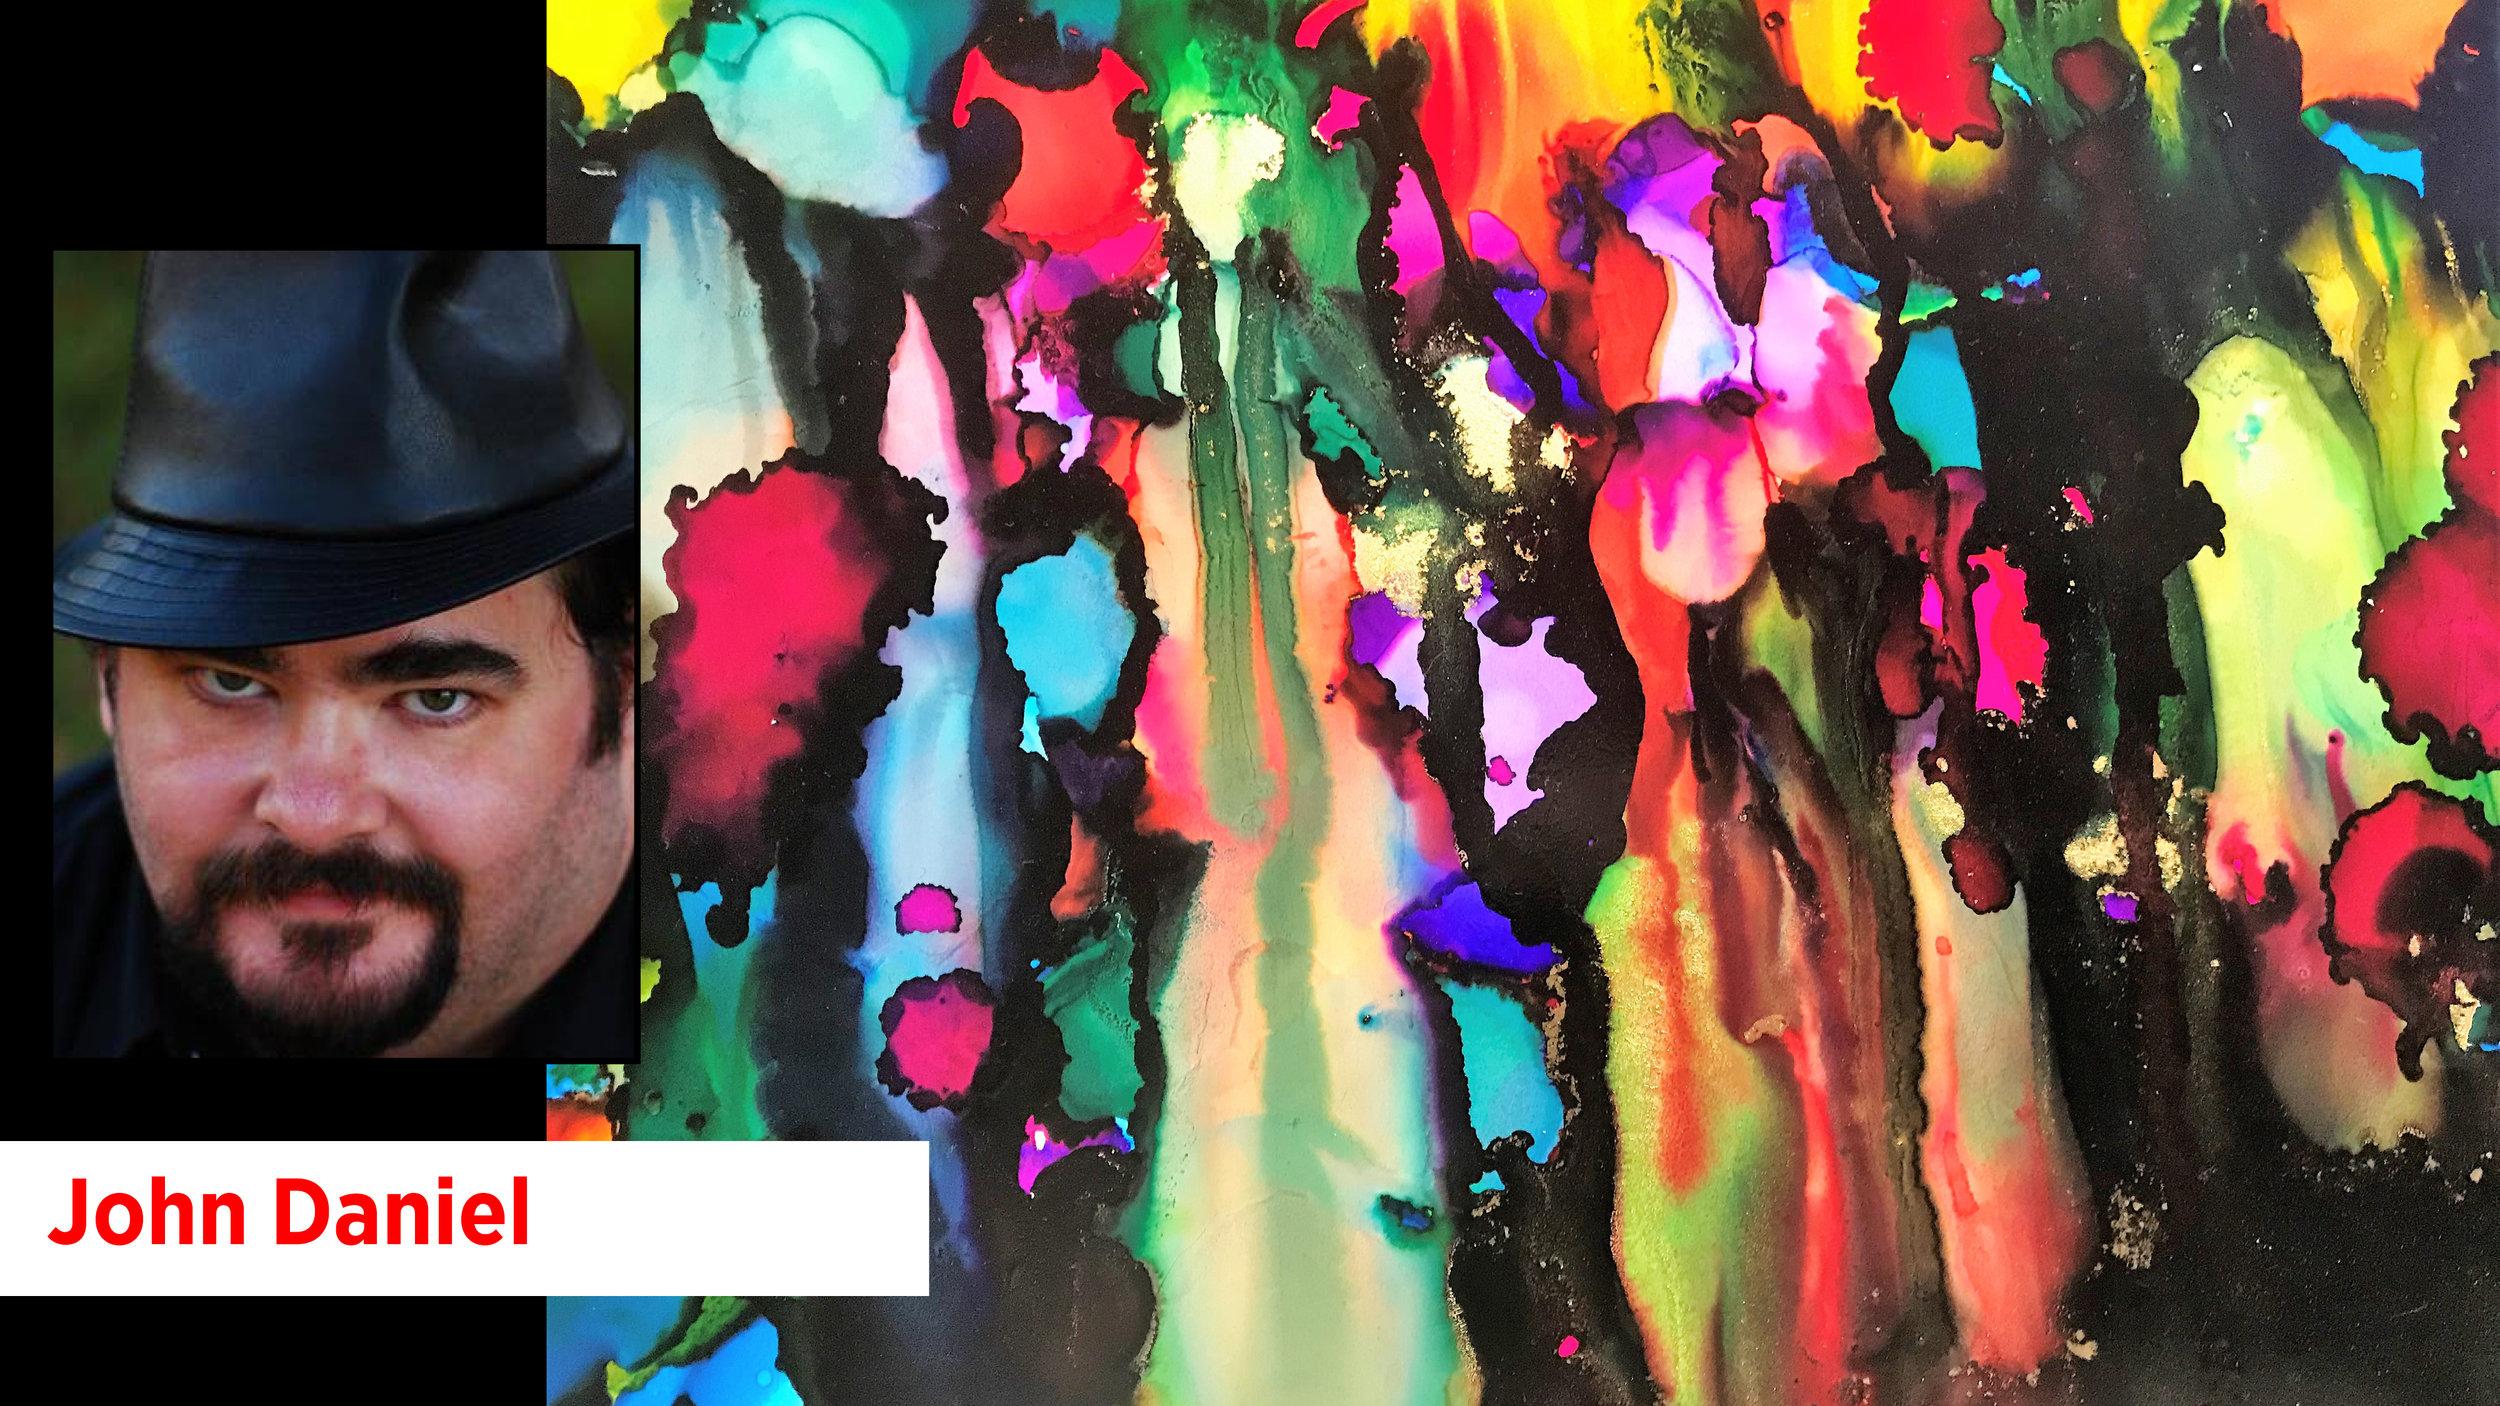 collectible artist slideshow2.jpg